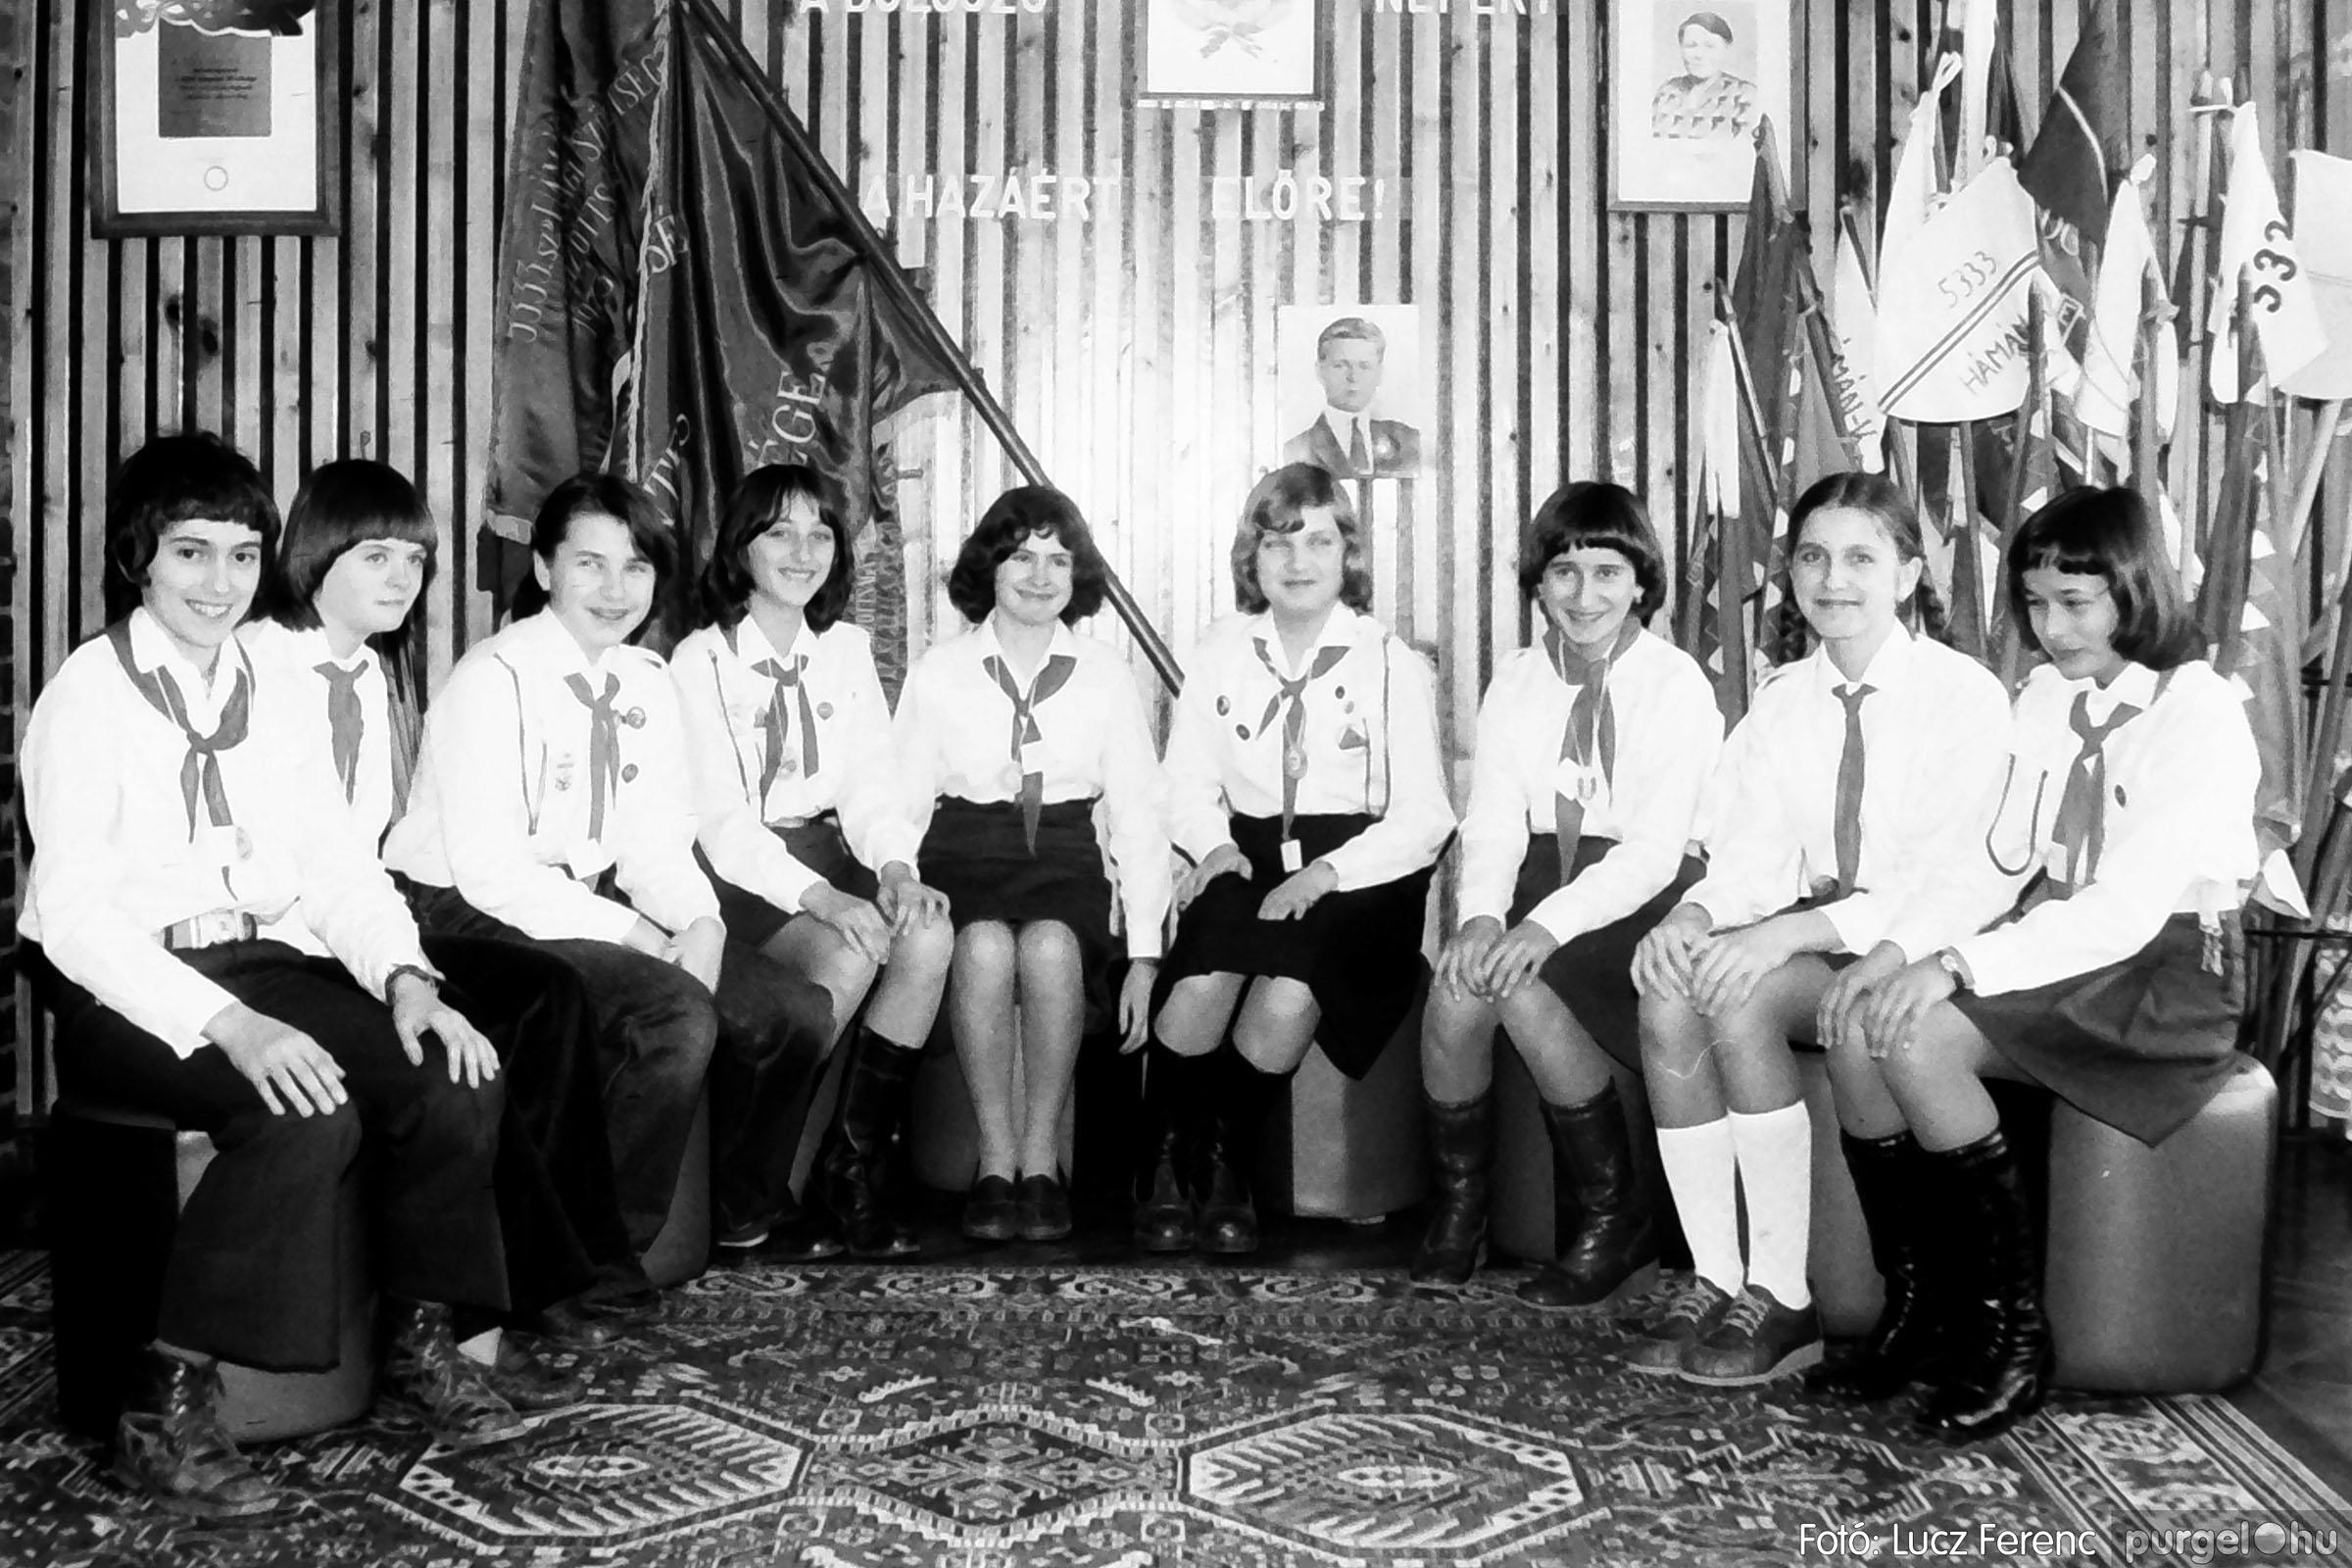 102. 1978. Szaktárgyi verseny a központi iskolában 019. - Fotó: Lucz Ferenc.jpg